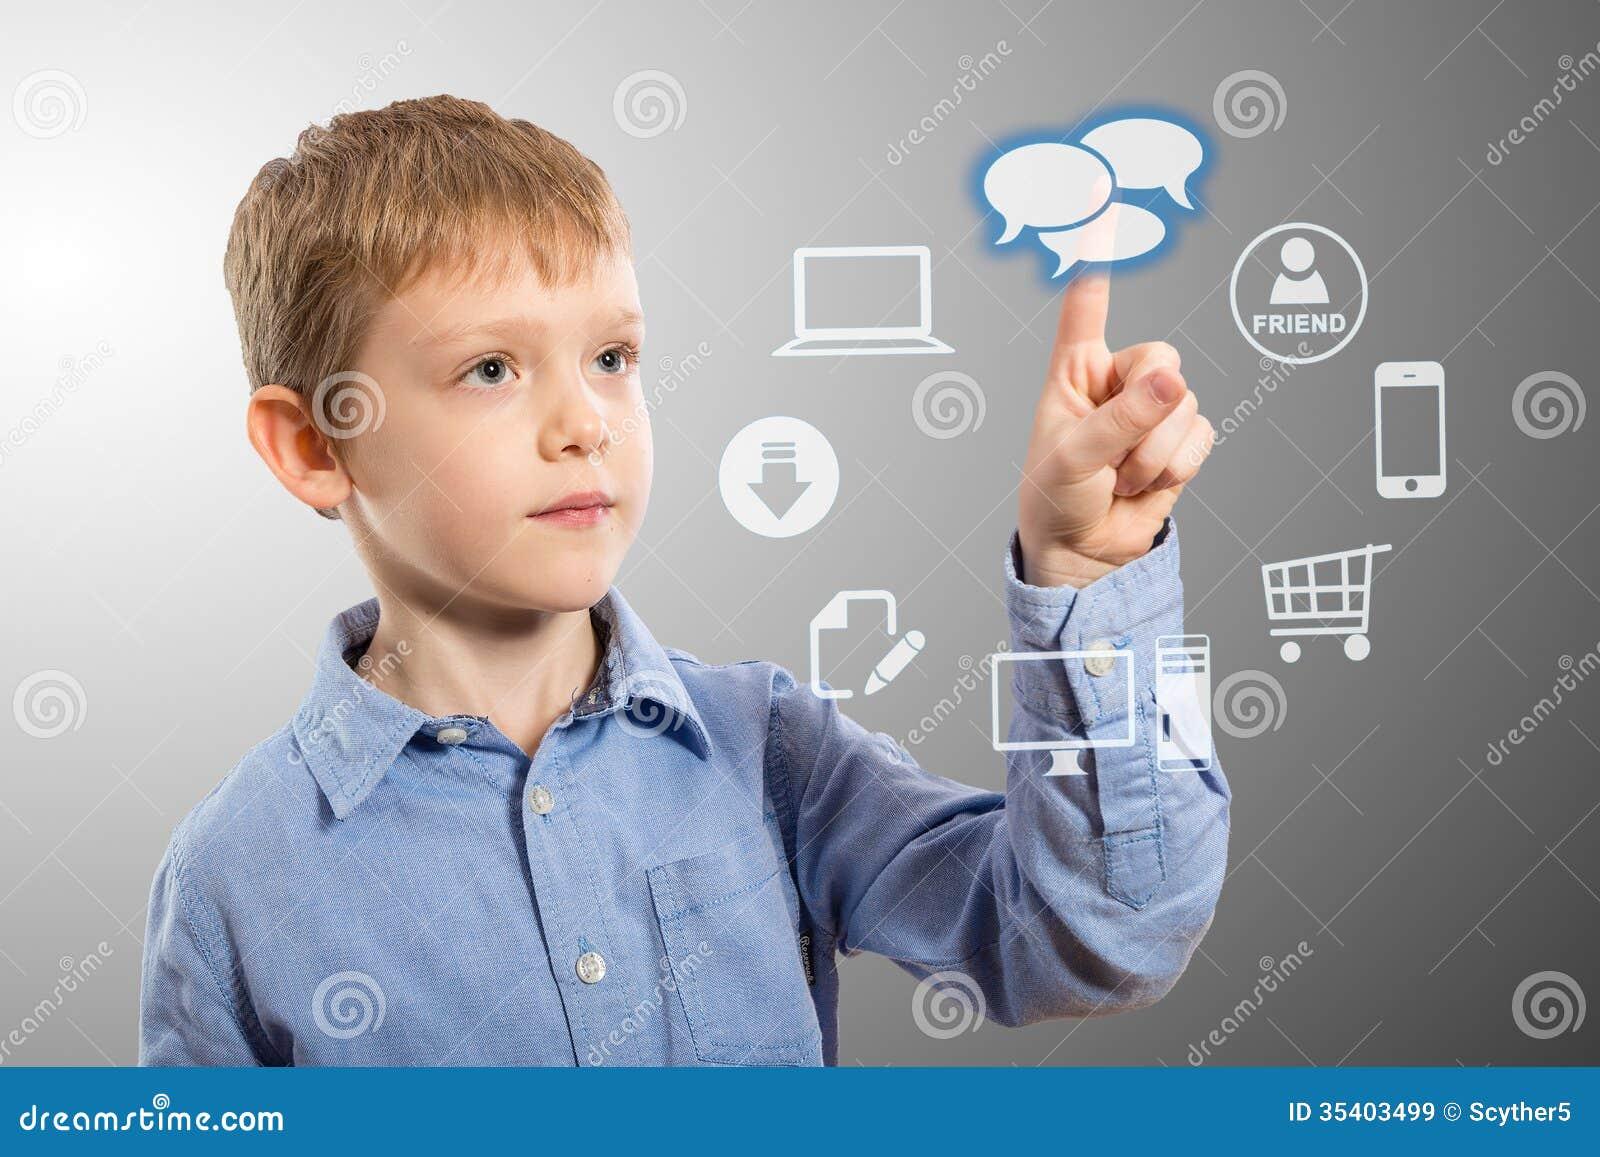 Chłopiec przystępuje futurystycznych rozrywek zastosowania